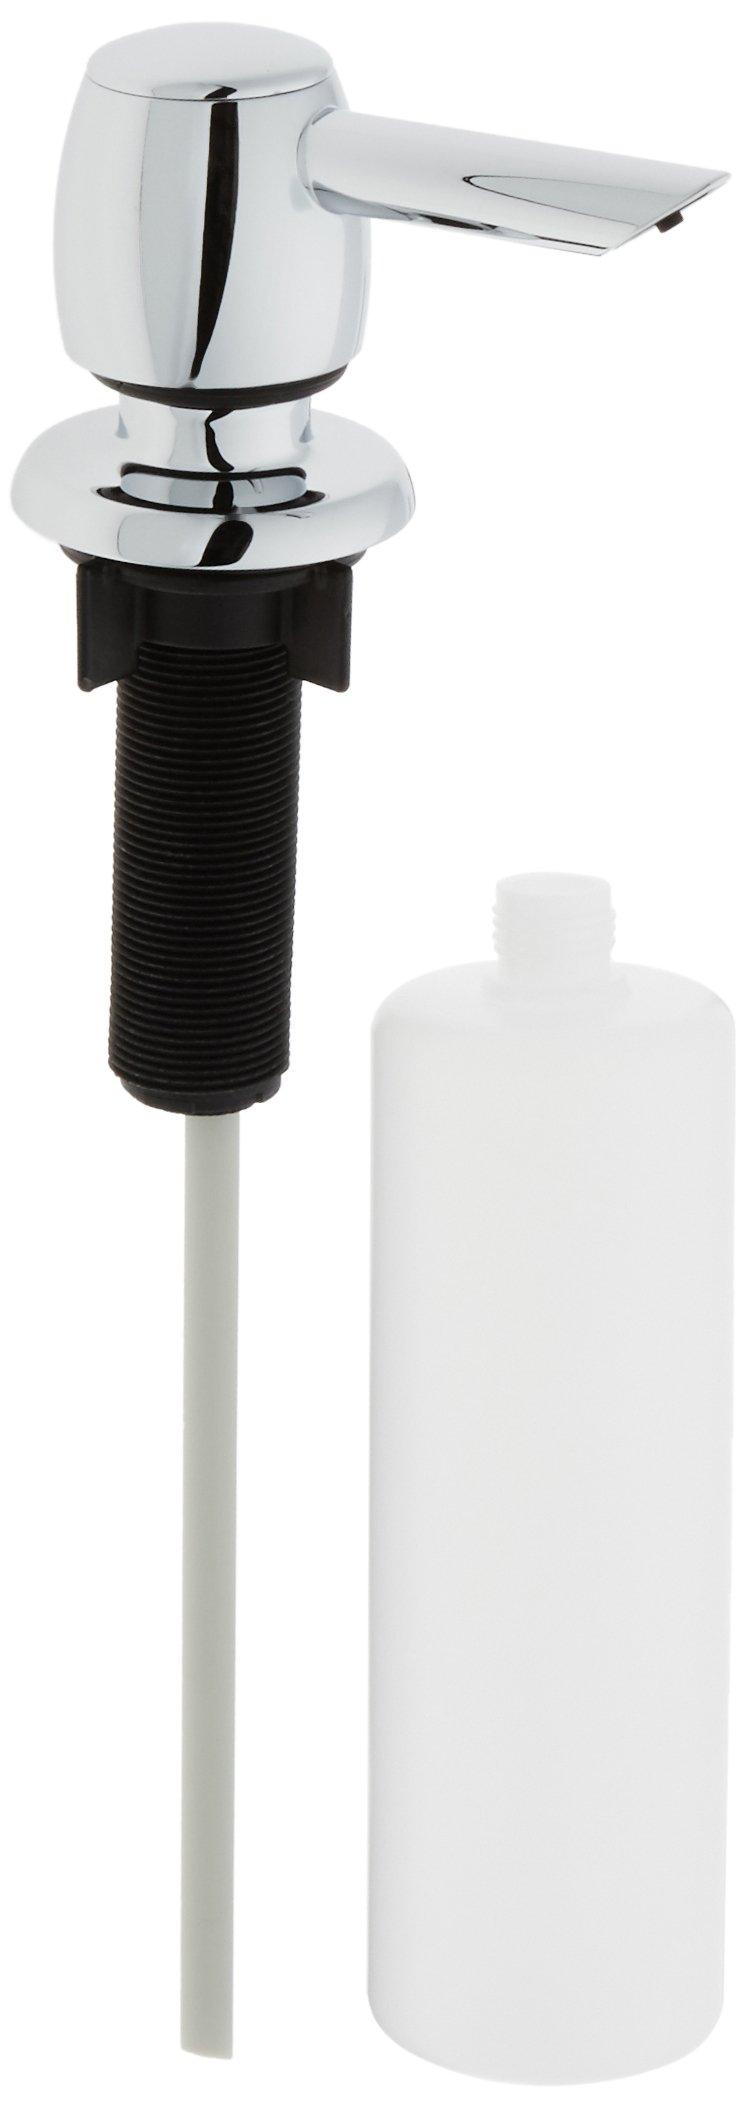 Delta Faucet RP44651 Palo Soap/Lotion Dispenser, Chrome